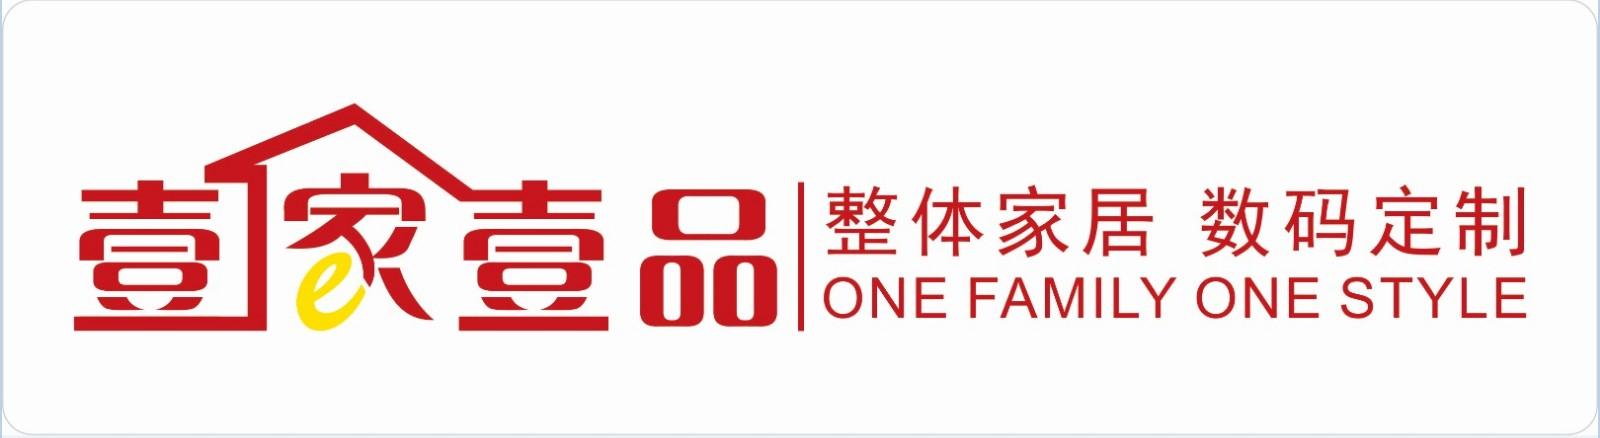 logo 标识 标志 设计 矢量 矢量图 素材 图标 1600_438